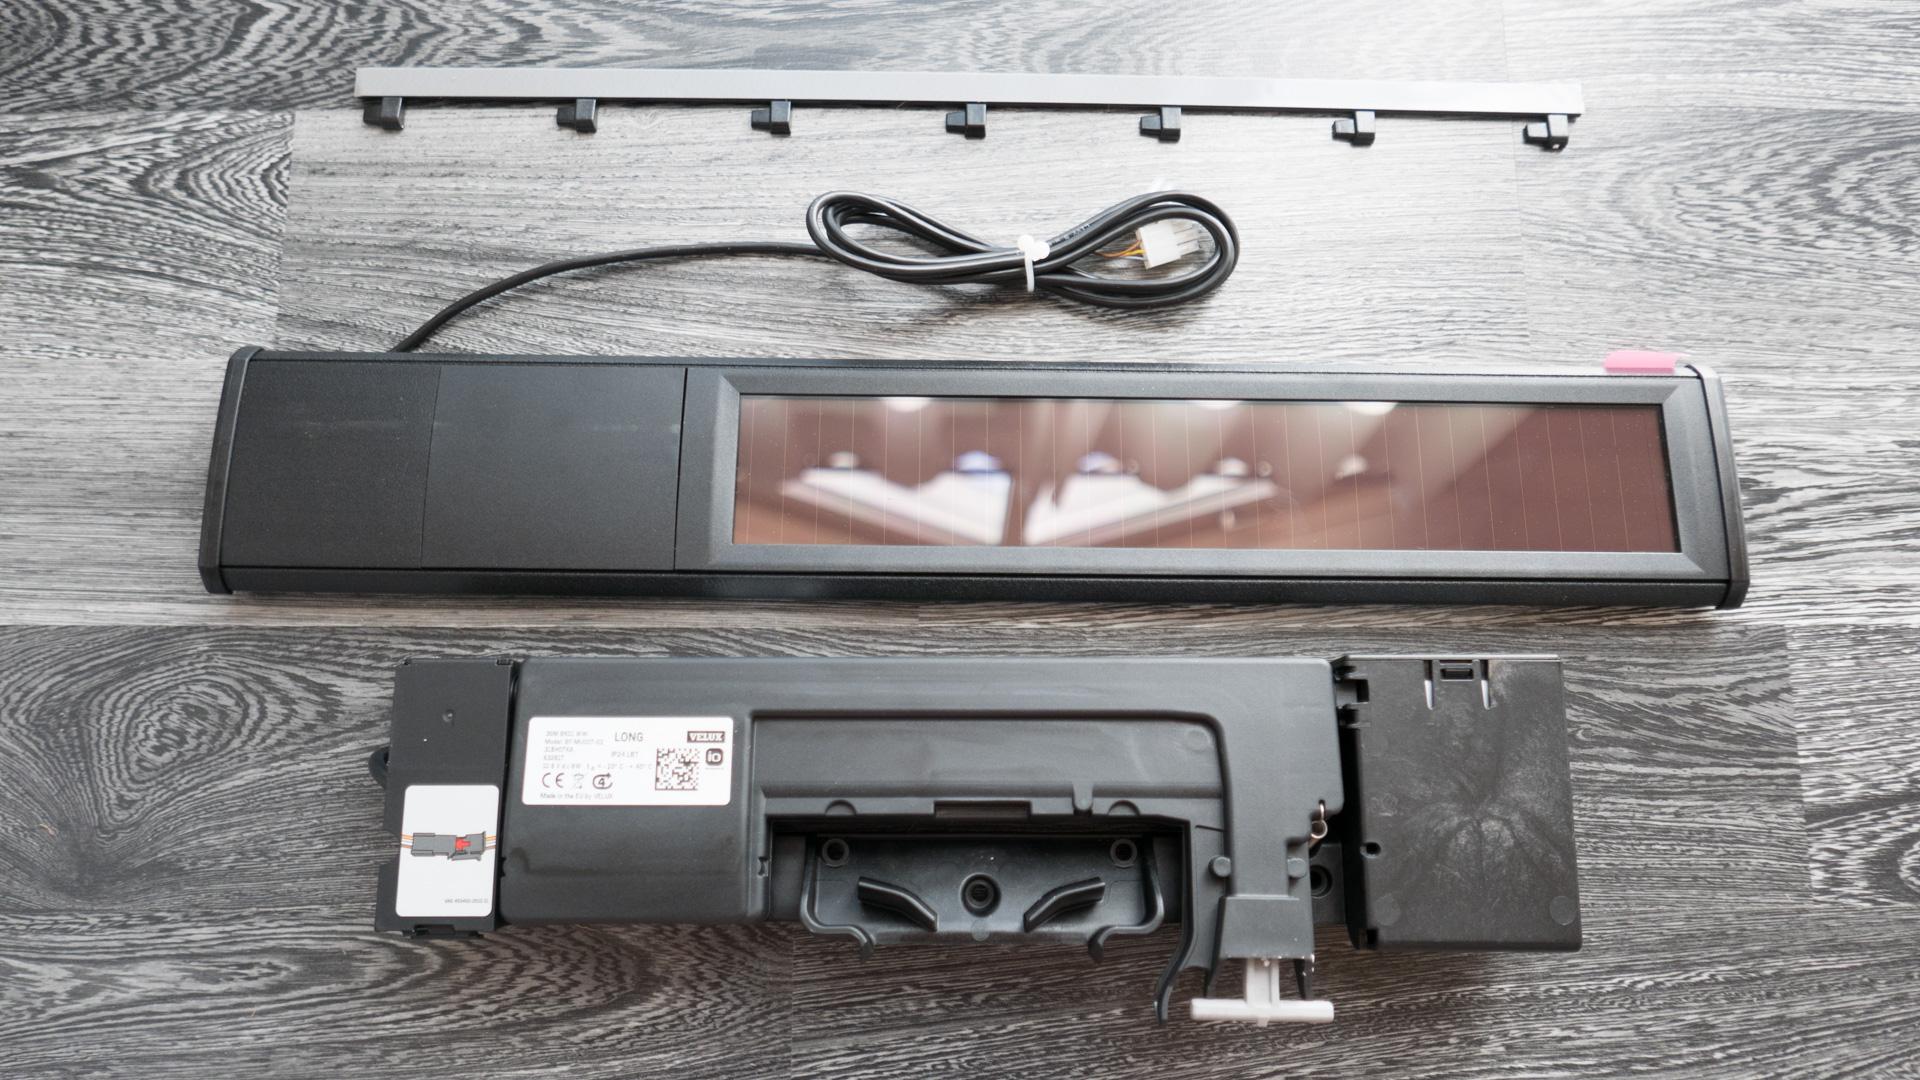 Full Size of Velux Scharnier Veludachfenster Elektrisch Nachrsten Das Veluks100k Im Test Fenster Kaufen Ersatzteile Rollo Einbauen Preise Wohnzimmer Velux Scharnier